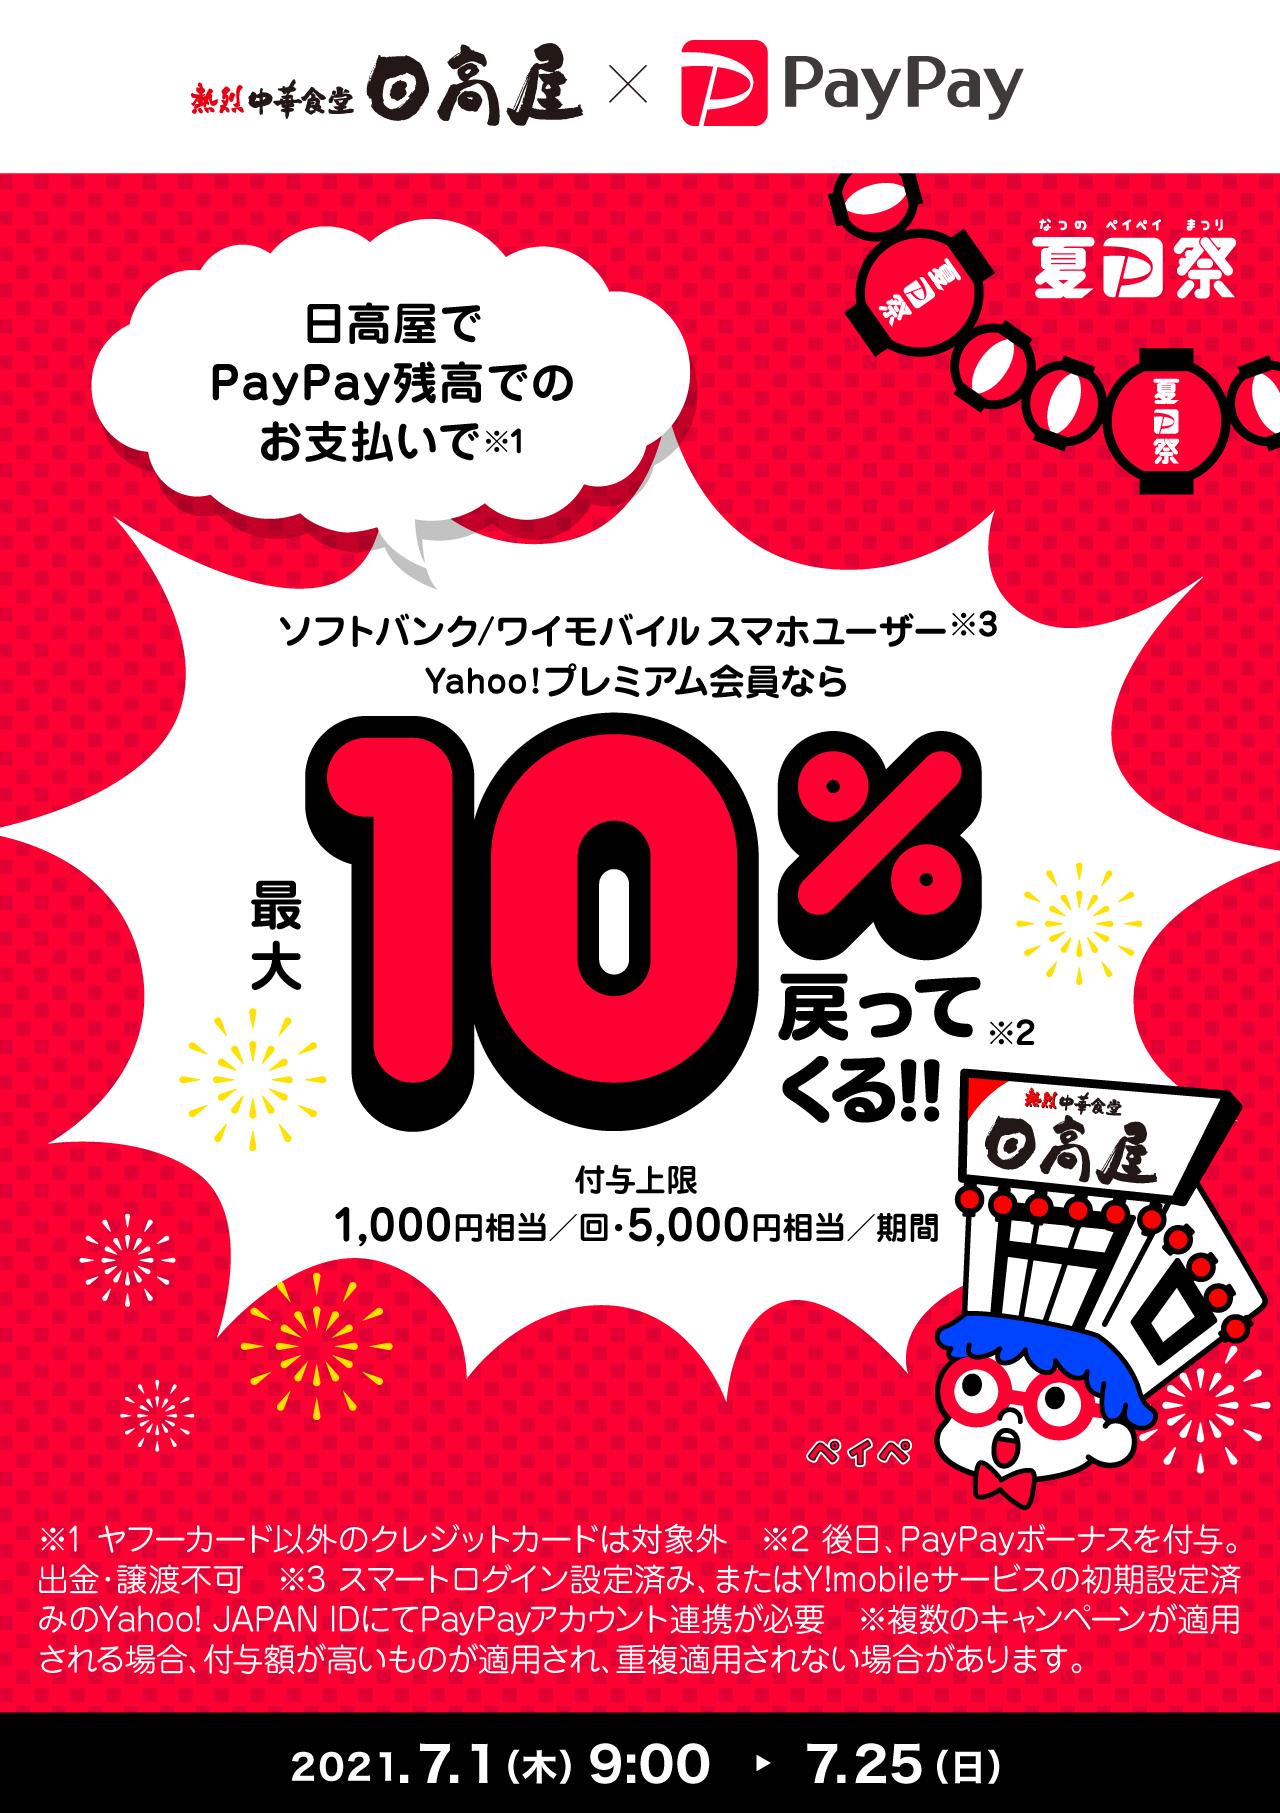 日高屋でPayPay残高でのお支払いで最大10%戻ってくる!!